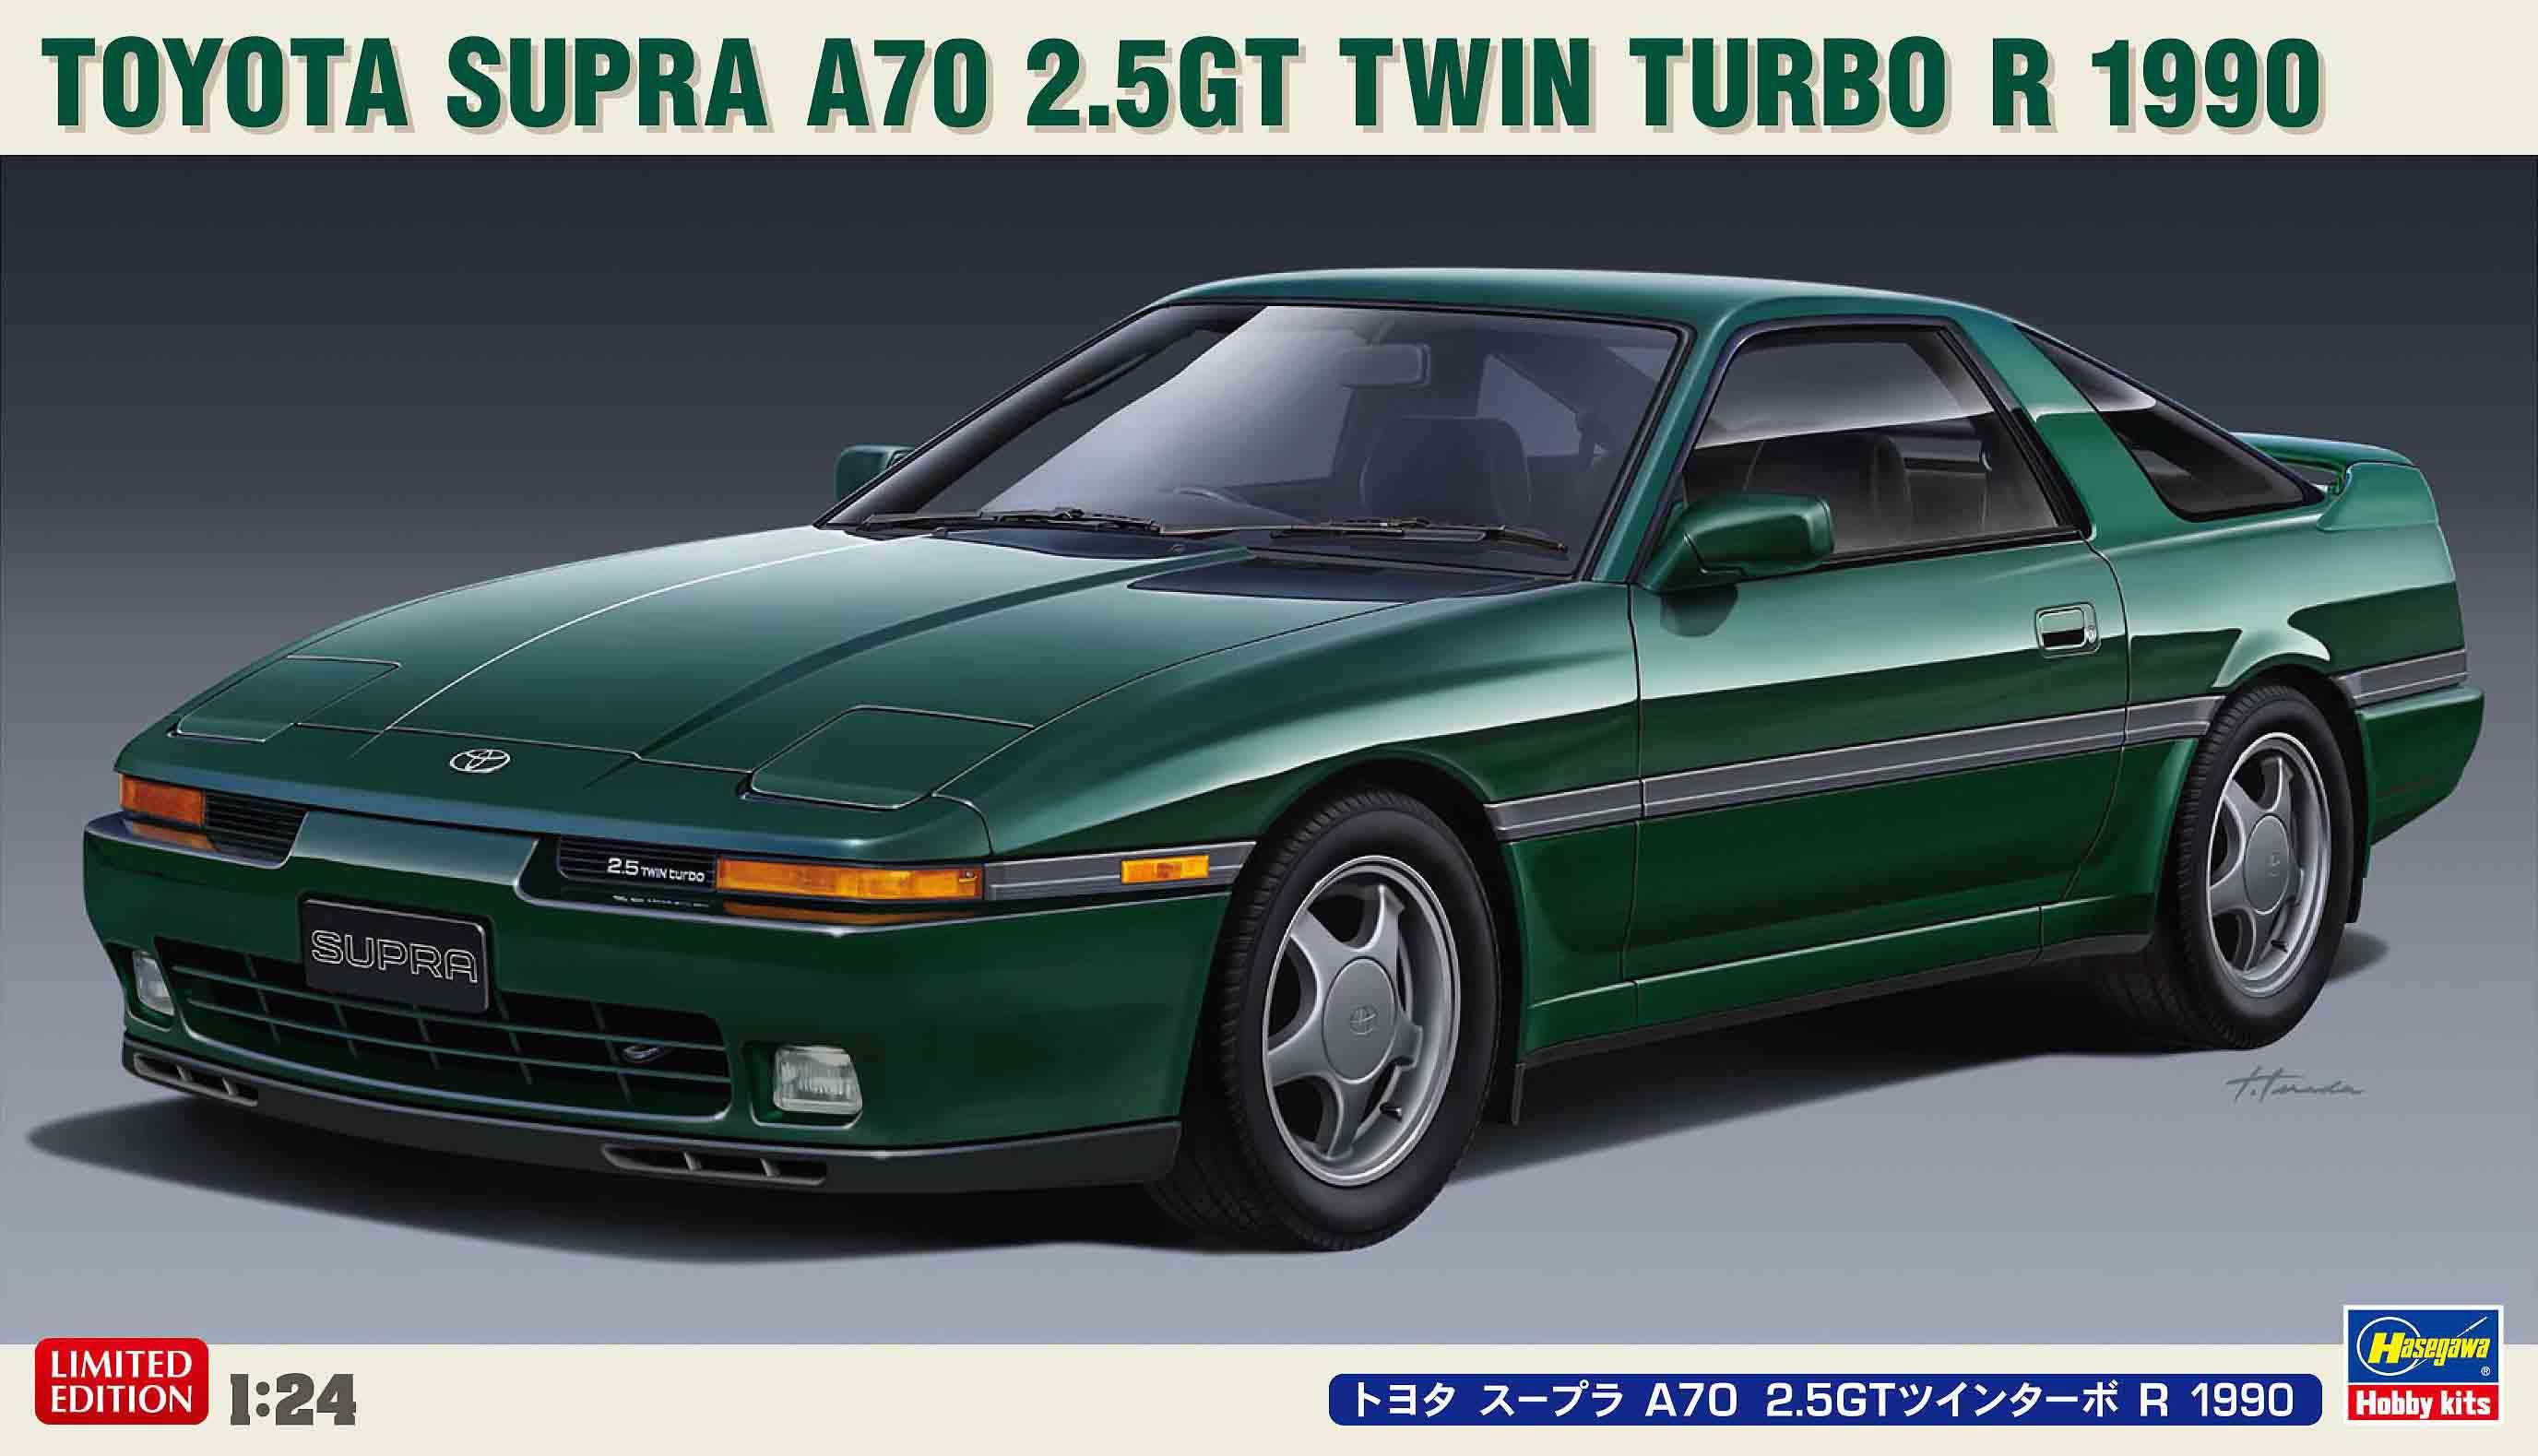 Hasegawa 1/24 Toyota Supra A70 2.5GT Twin Turbo R 1990